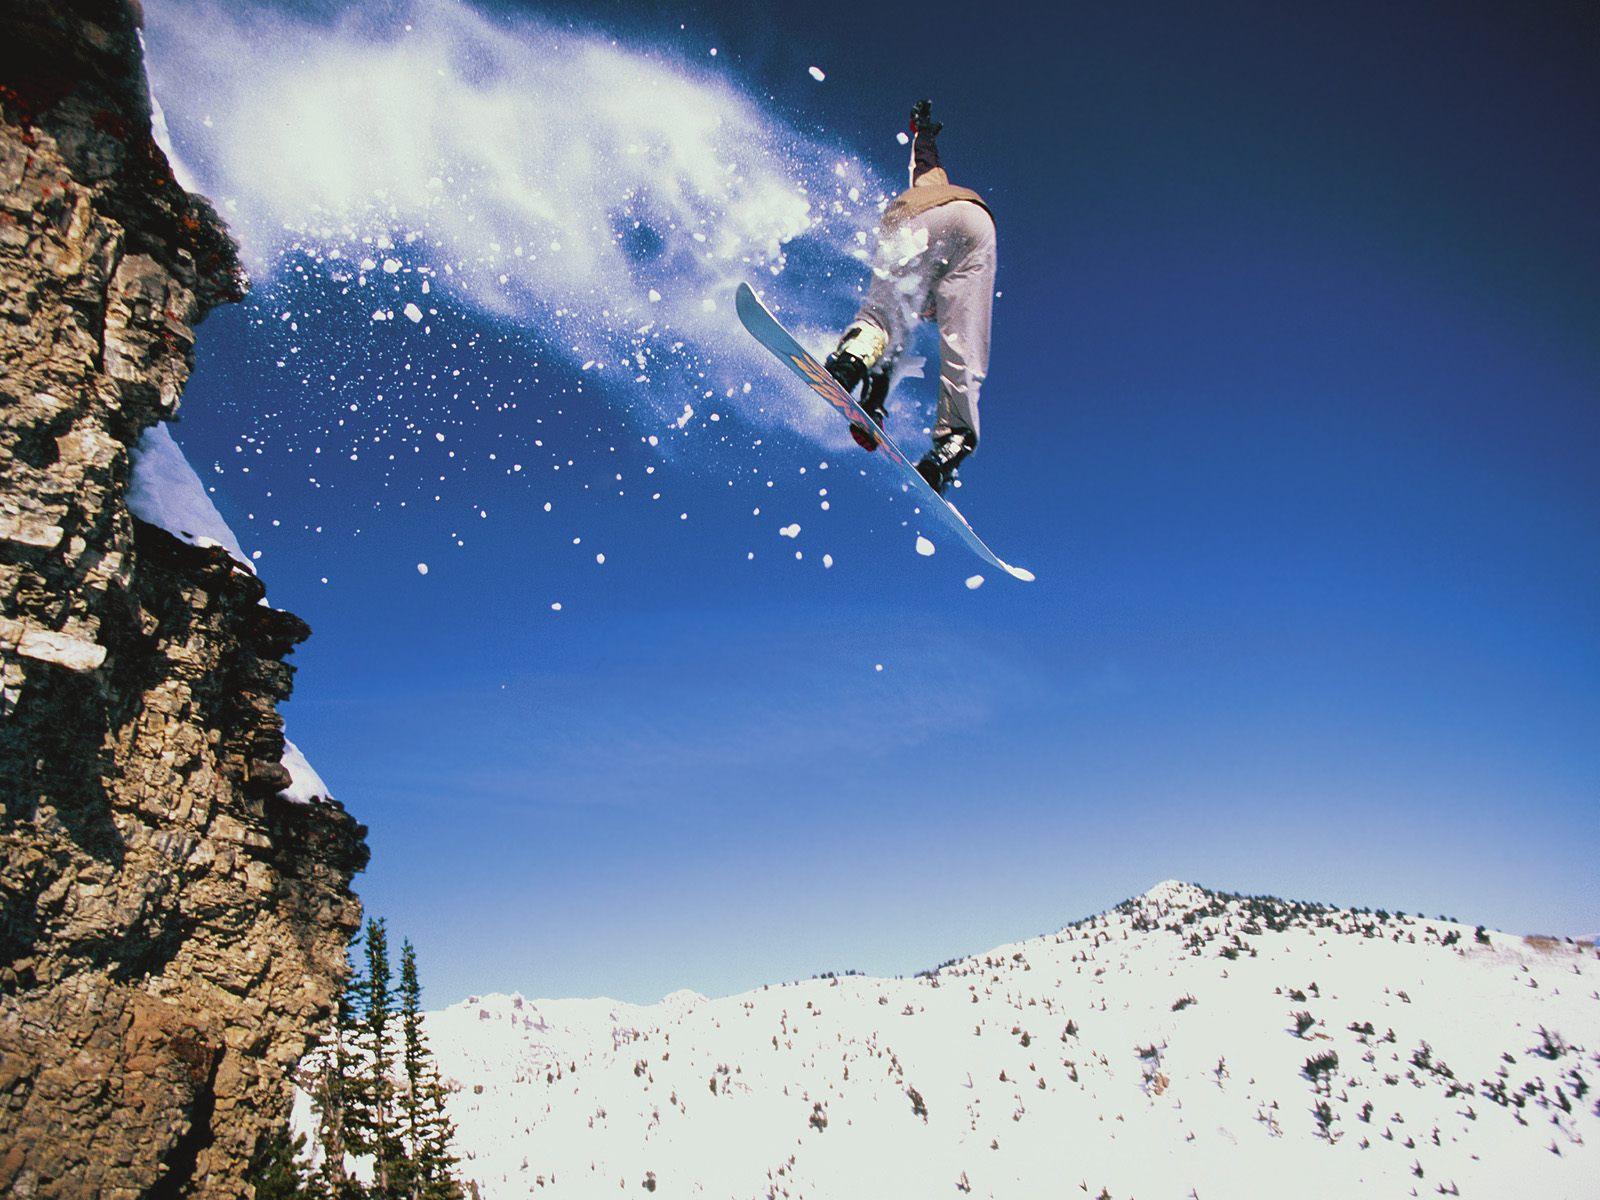 сноубордист в прыжке бесплатно